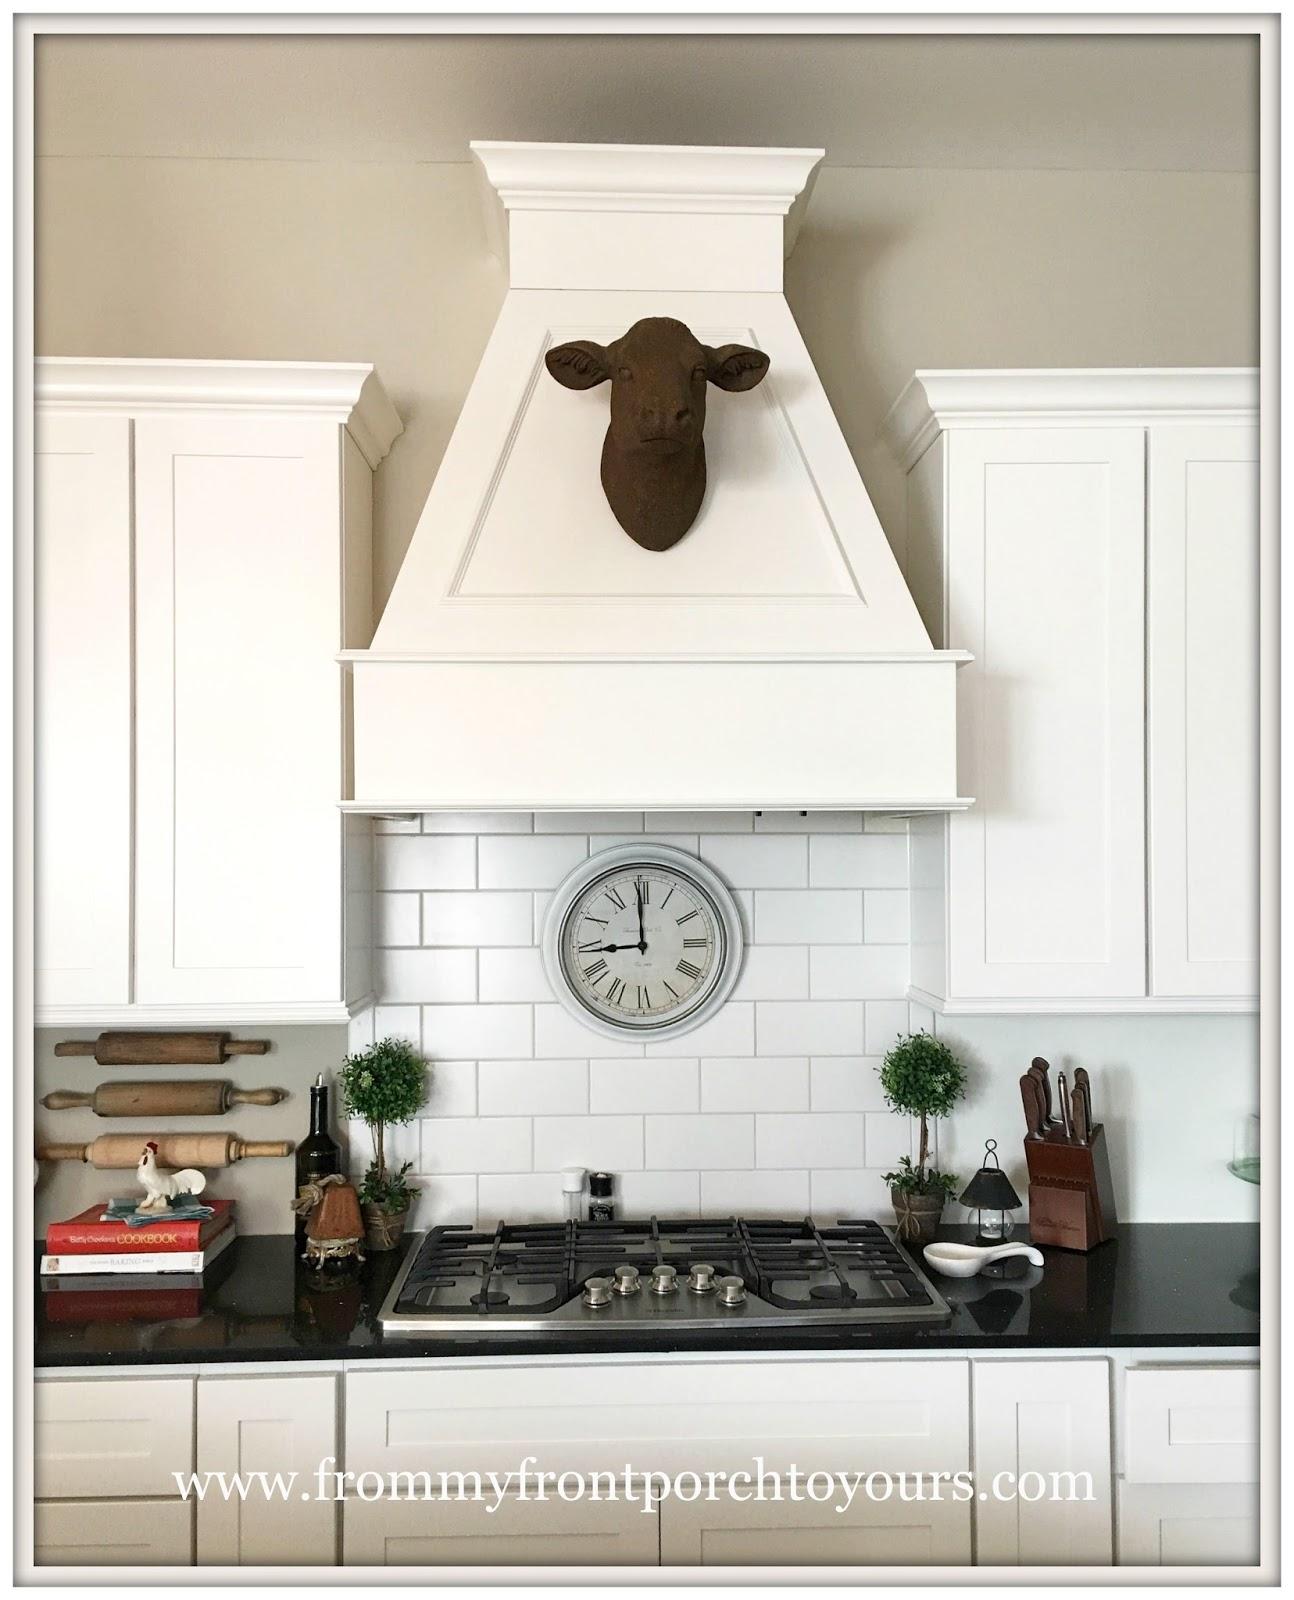 Best Kitchen Gallery: Farmhouse Kitchen Hood Kitchen Design Ideas of White Farmhouse Kitchen Hood Designs on rachelxblog.com